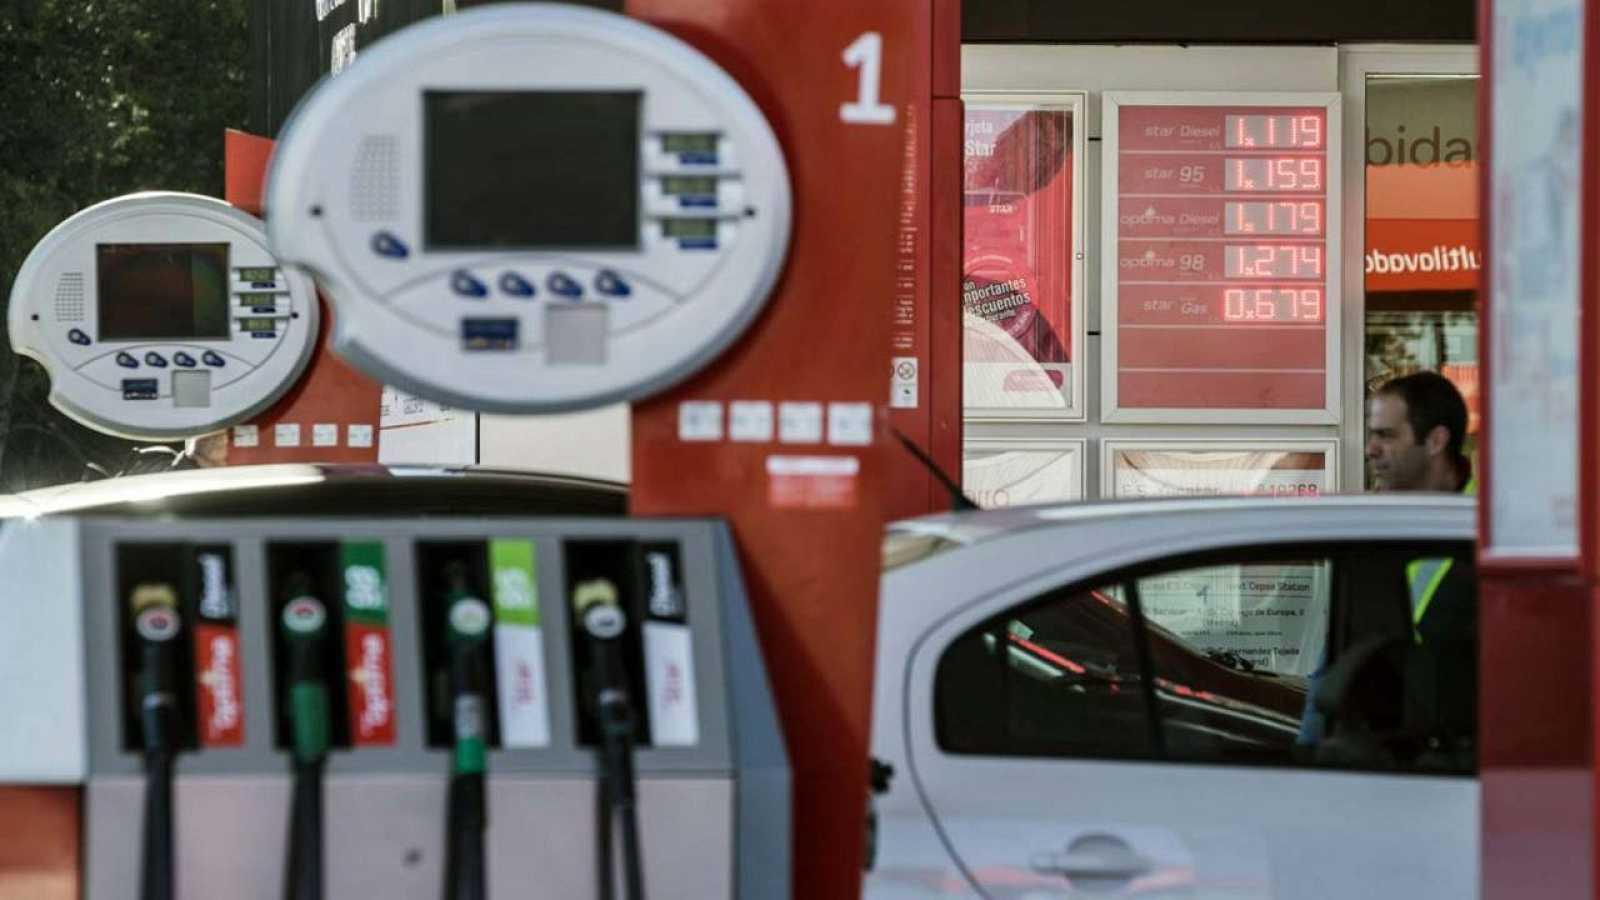 Varios surtidores de gasolina en una gasolinera de Madrid